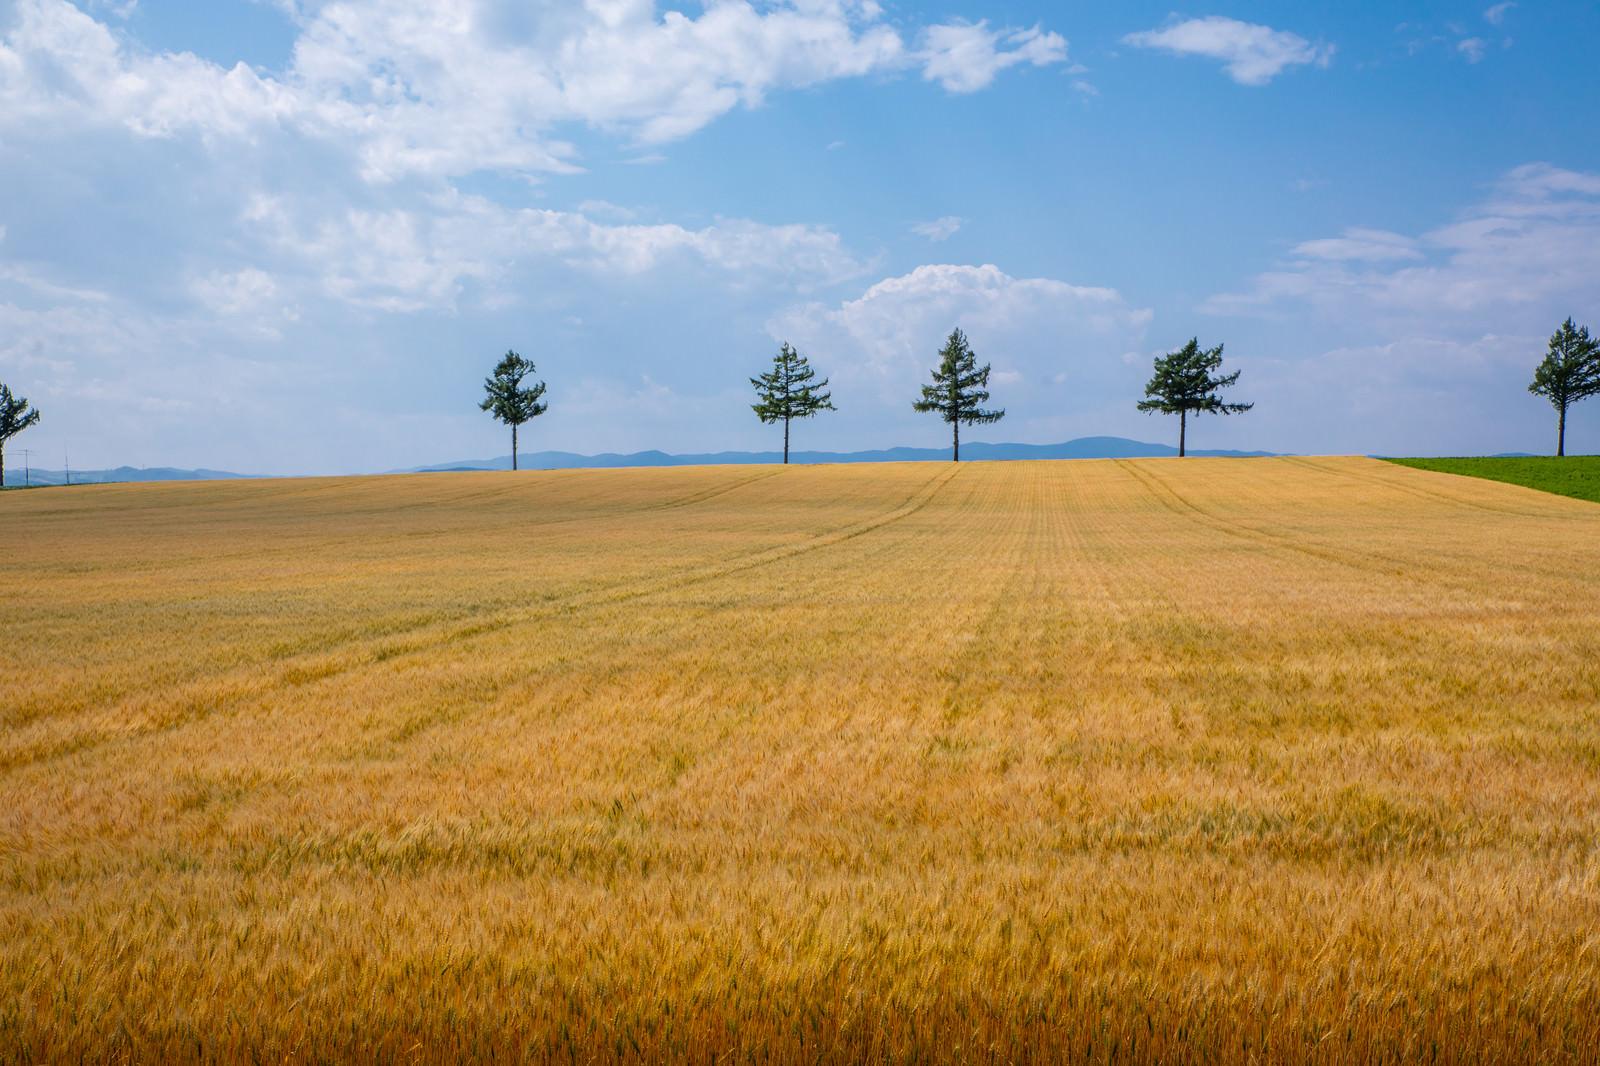 「果てしなく続く小麦畑」の写真